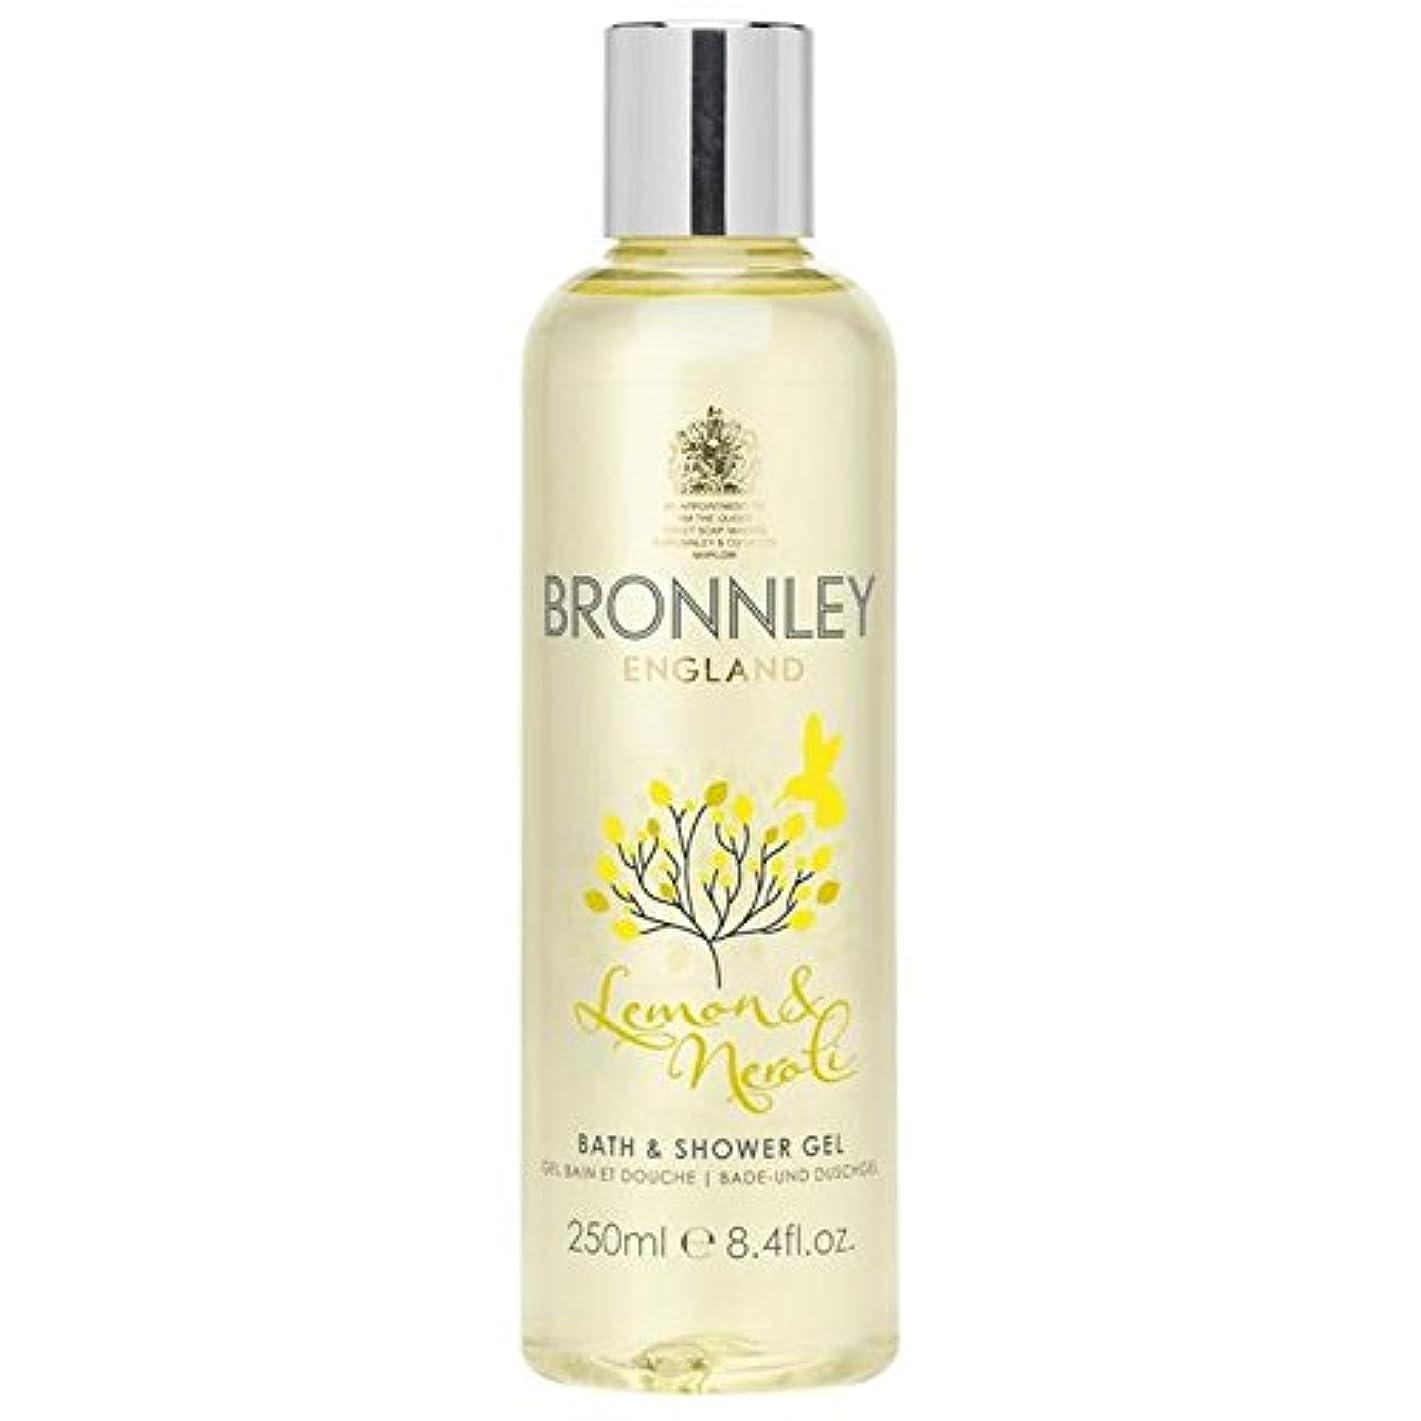 空虚納屋今晩Bronnley Lemon & Neroli Bath & Shower Gel 250ml (Pack of 6) - レモン&ネロリバス&シャワージェル250ミリリットル x6 [並行輸入品]